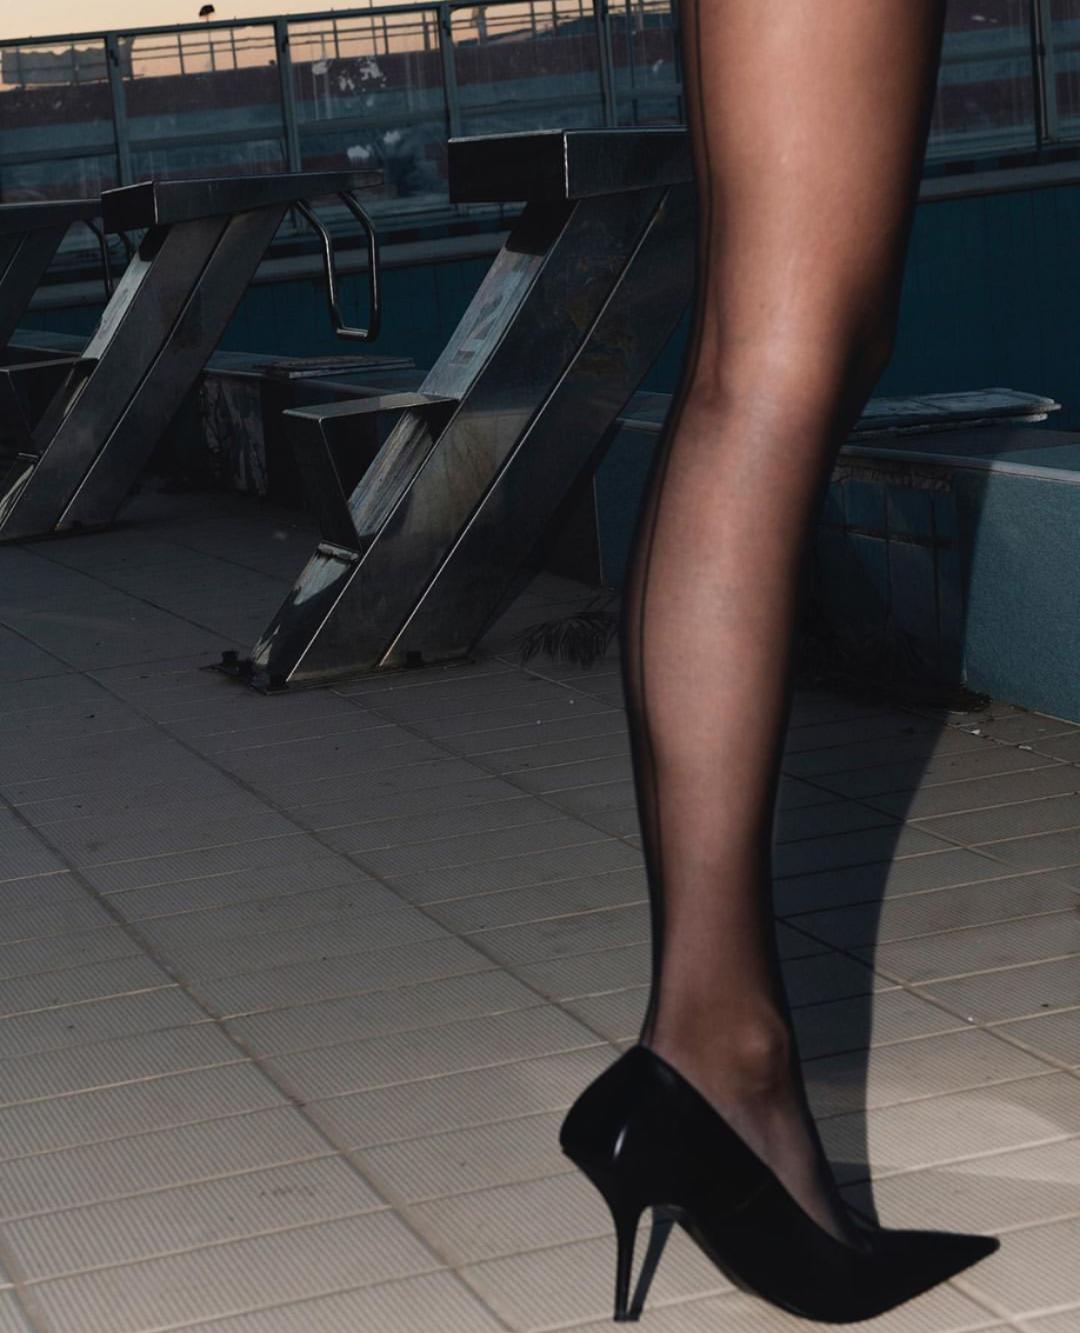 穿上黑丝袜,美得自己都陶醉了80